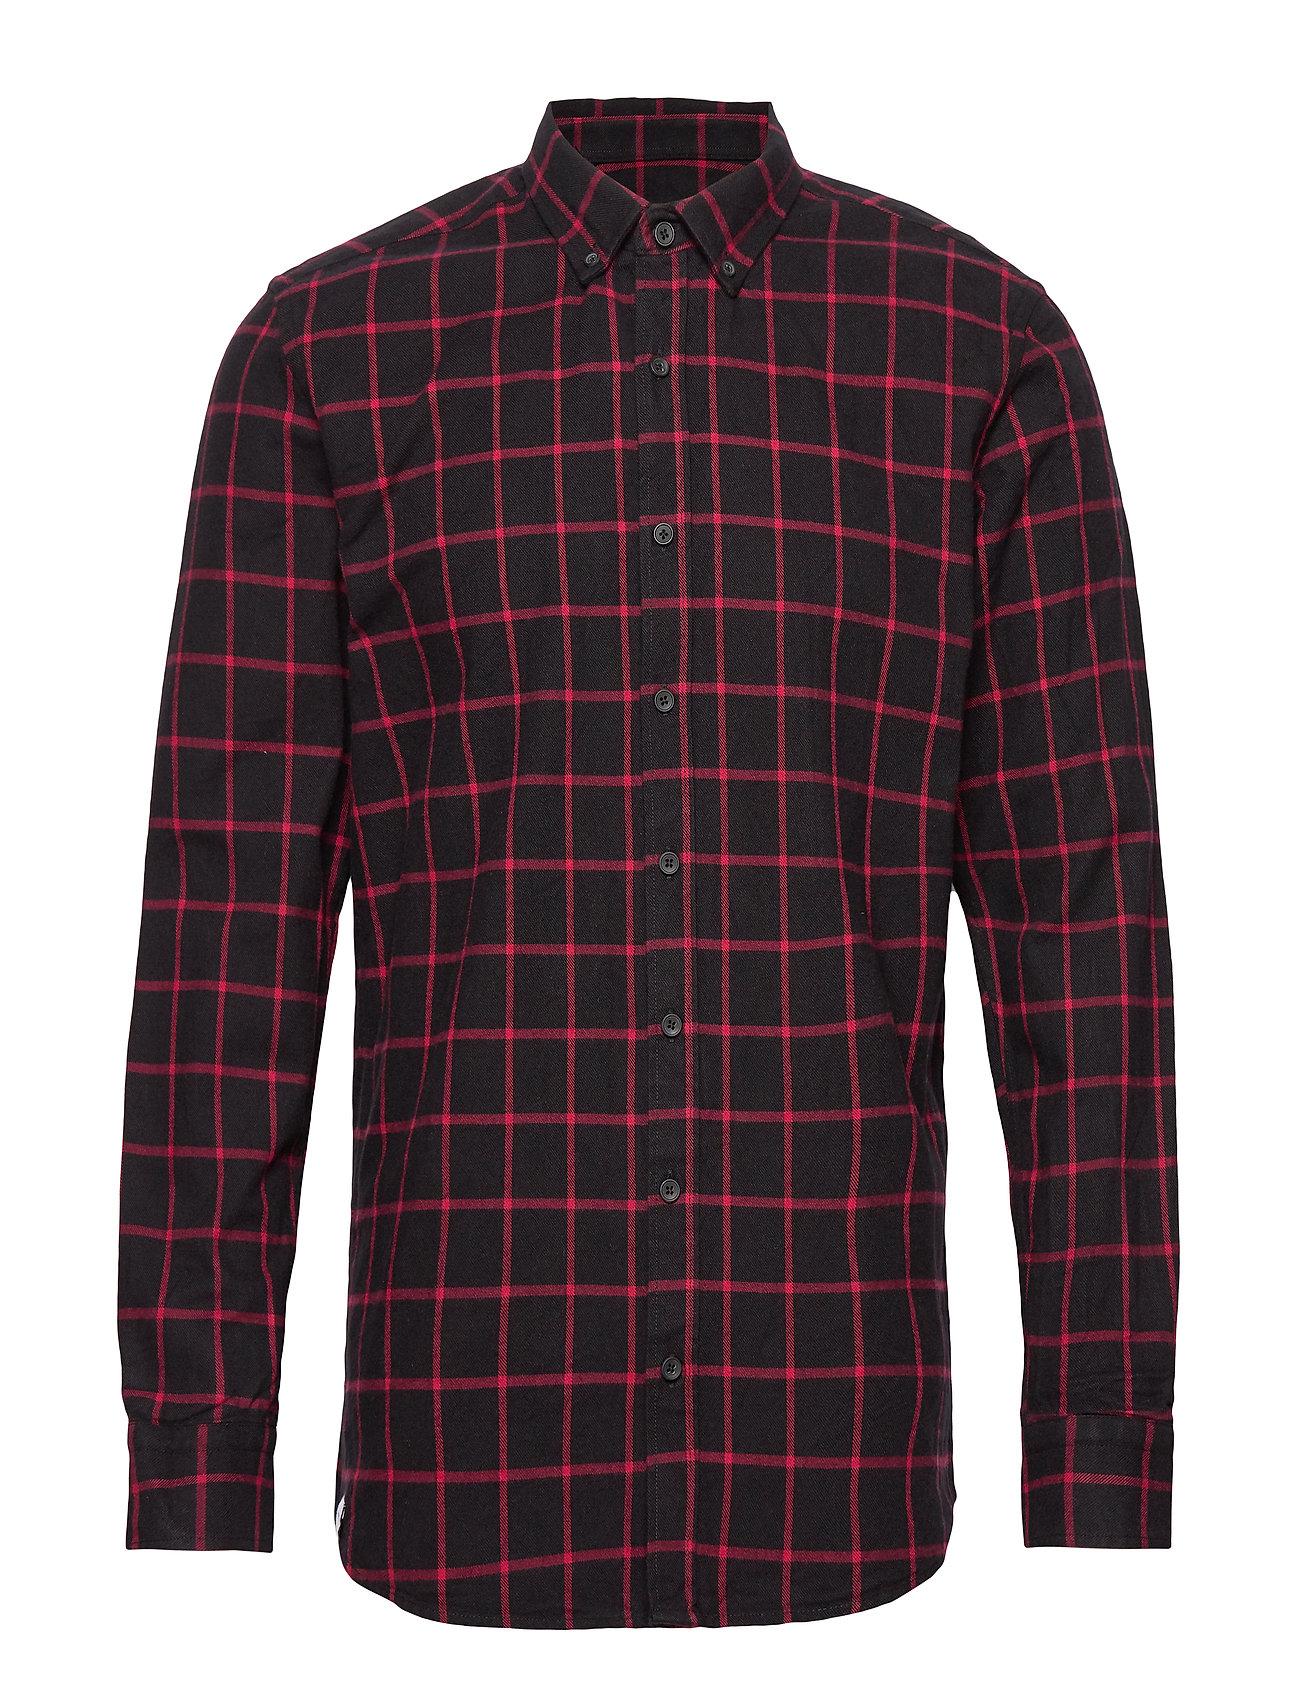 Makia Tailgate Shirt - DARK RED